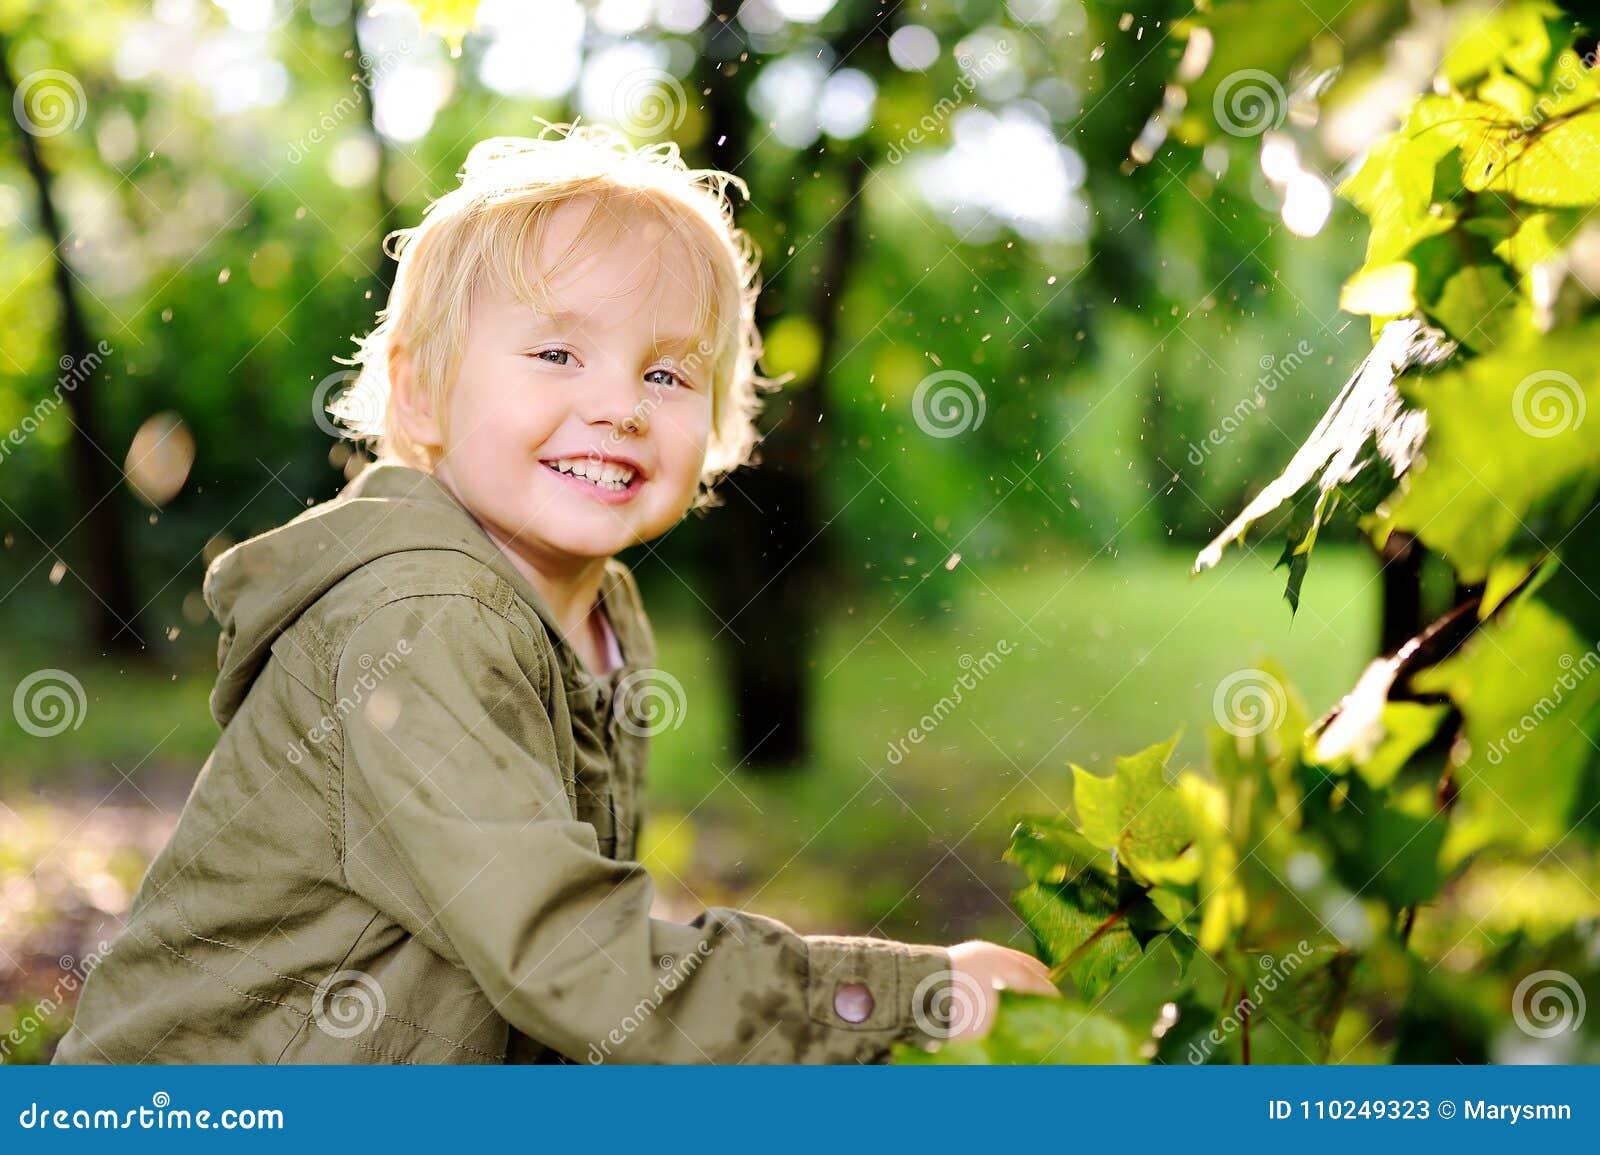 Retrato del niño pequeño feliz lindo que se divierte en parque del verano después de lluvia